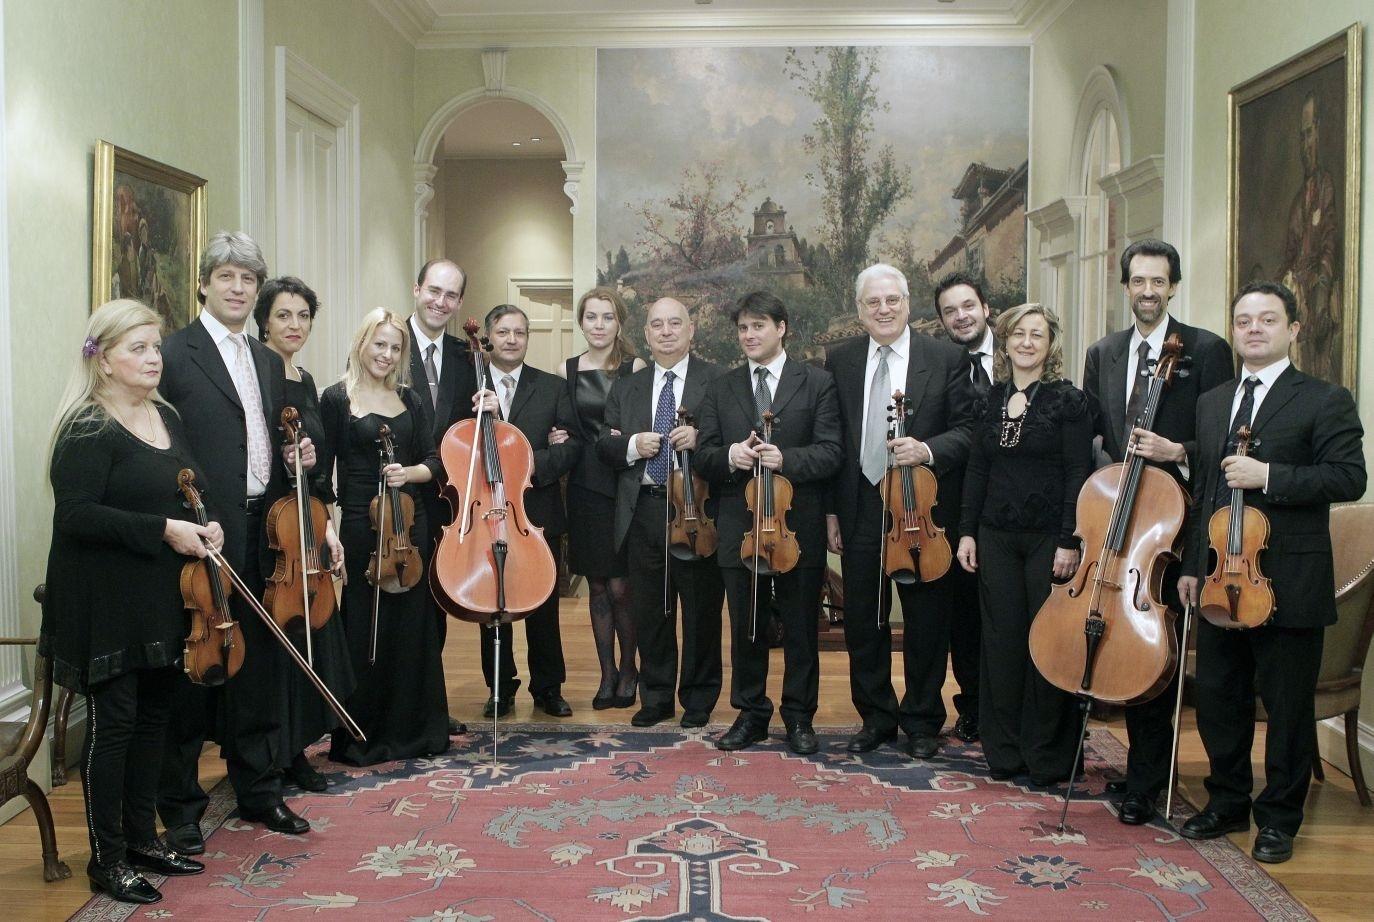 Los conciertos del último trimestre del año en la Fundación Botín se abrirán el 11 de octubre con jazz